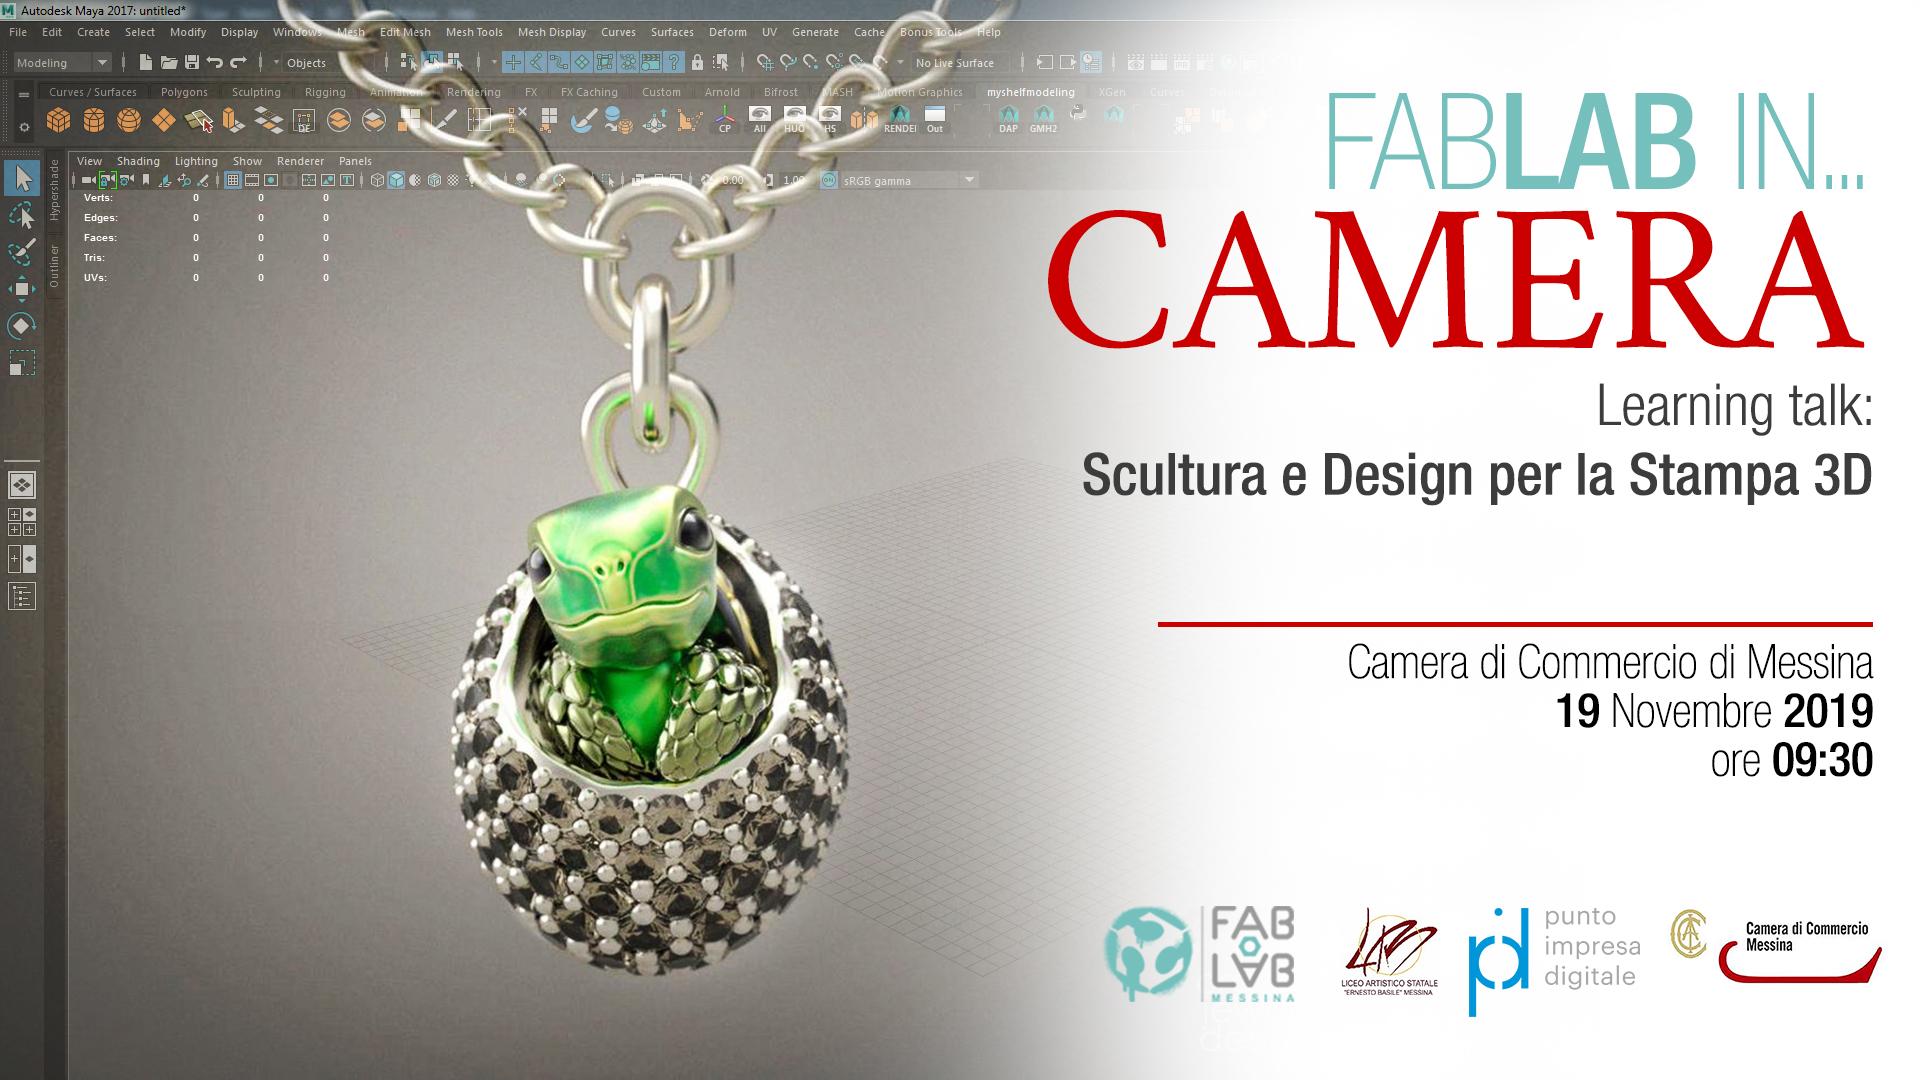 Fab Lab in Camera: Scultura e Design per la Stampa 3D